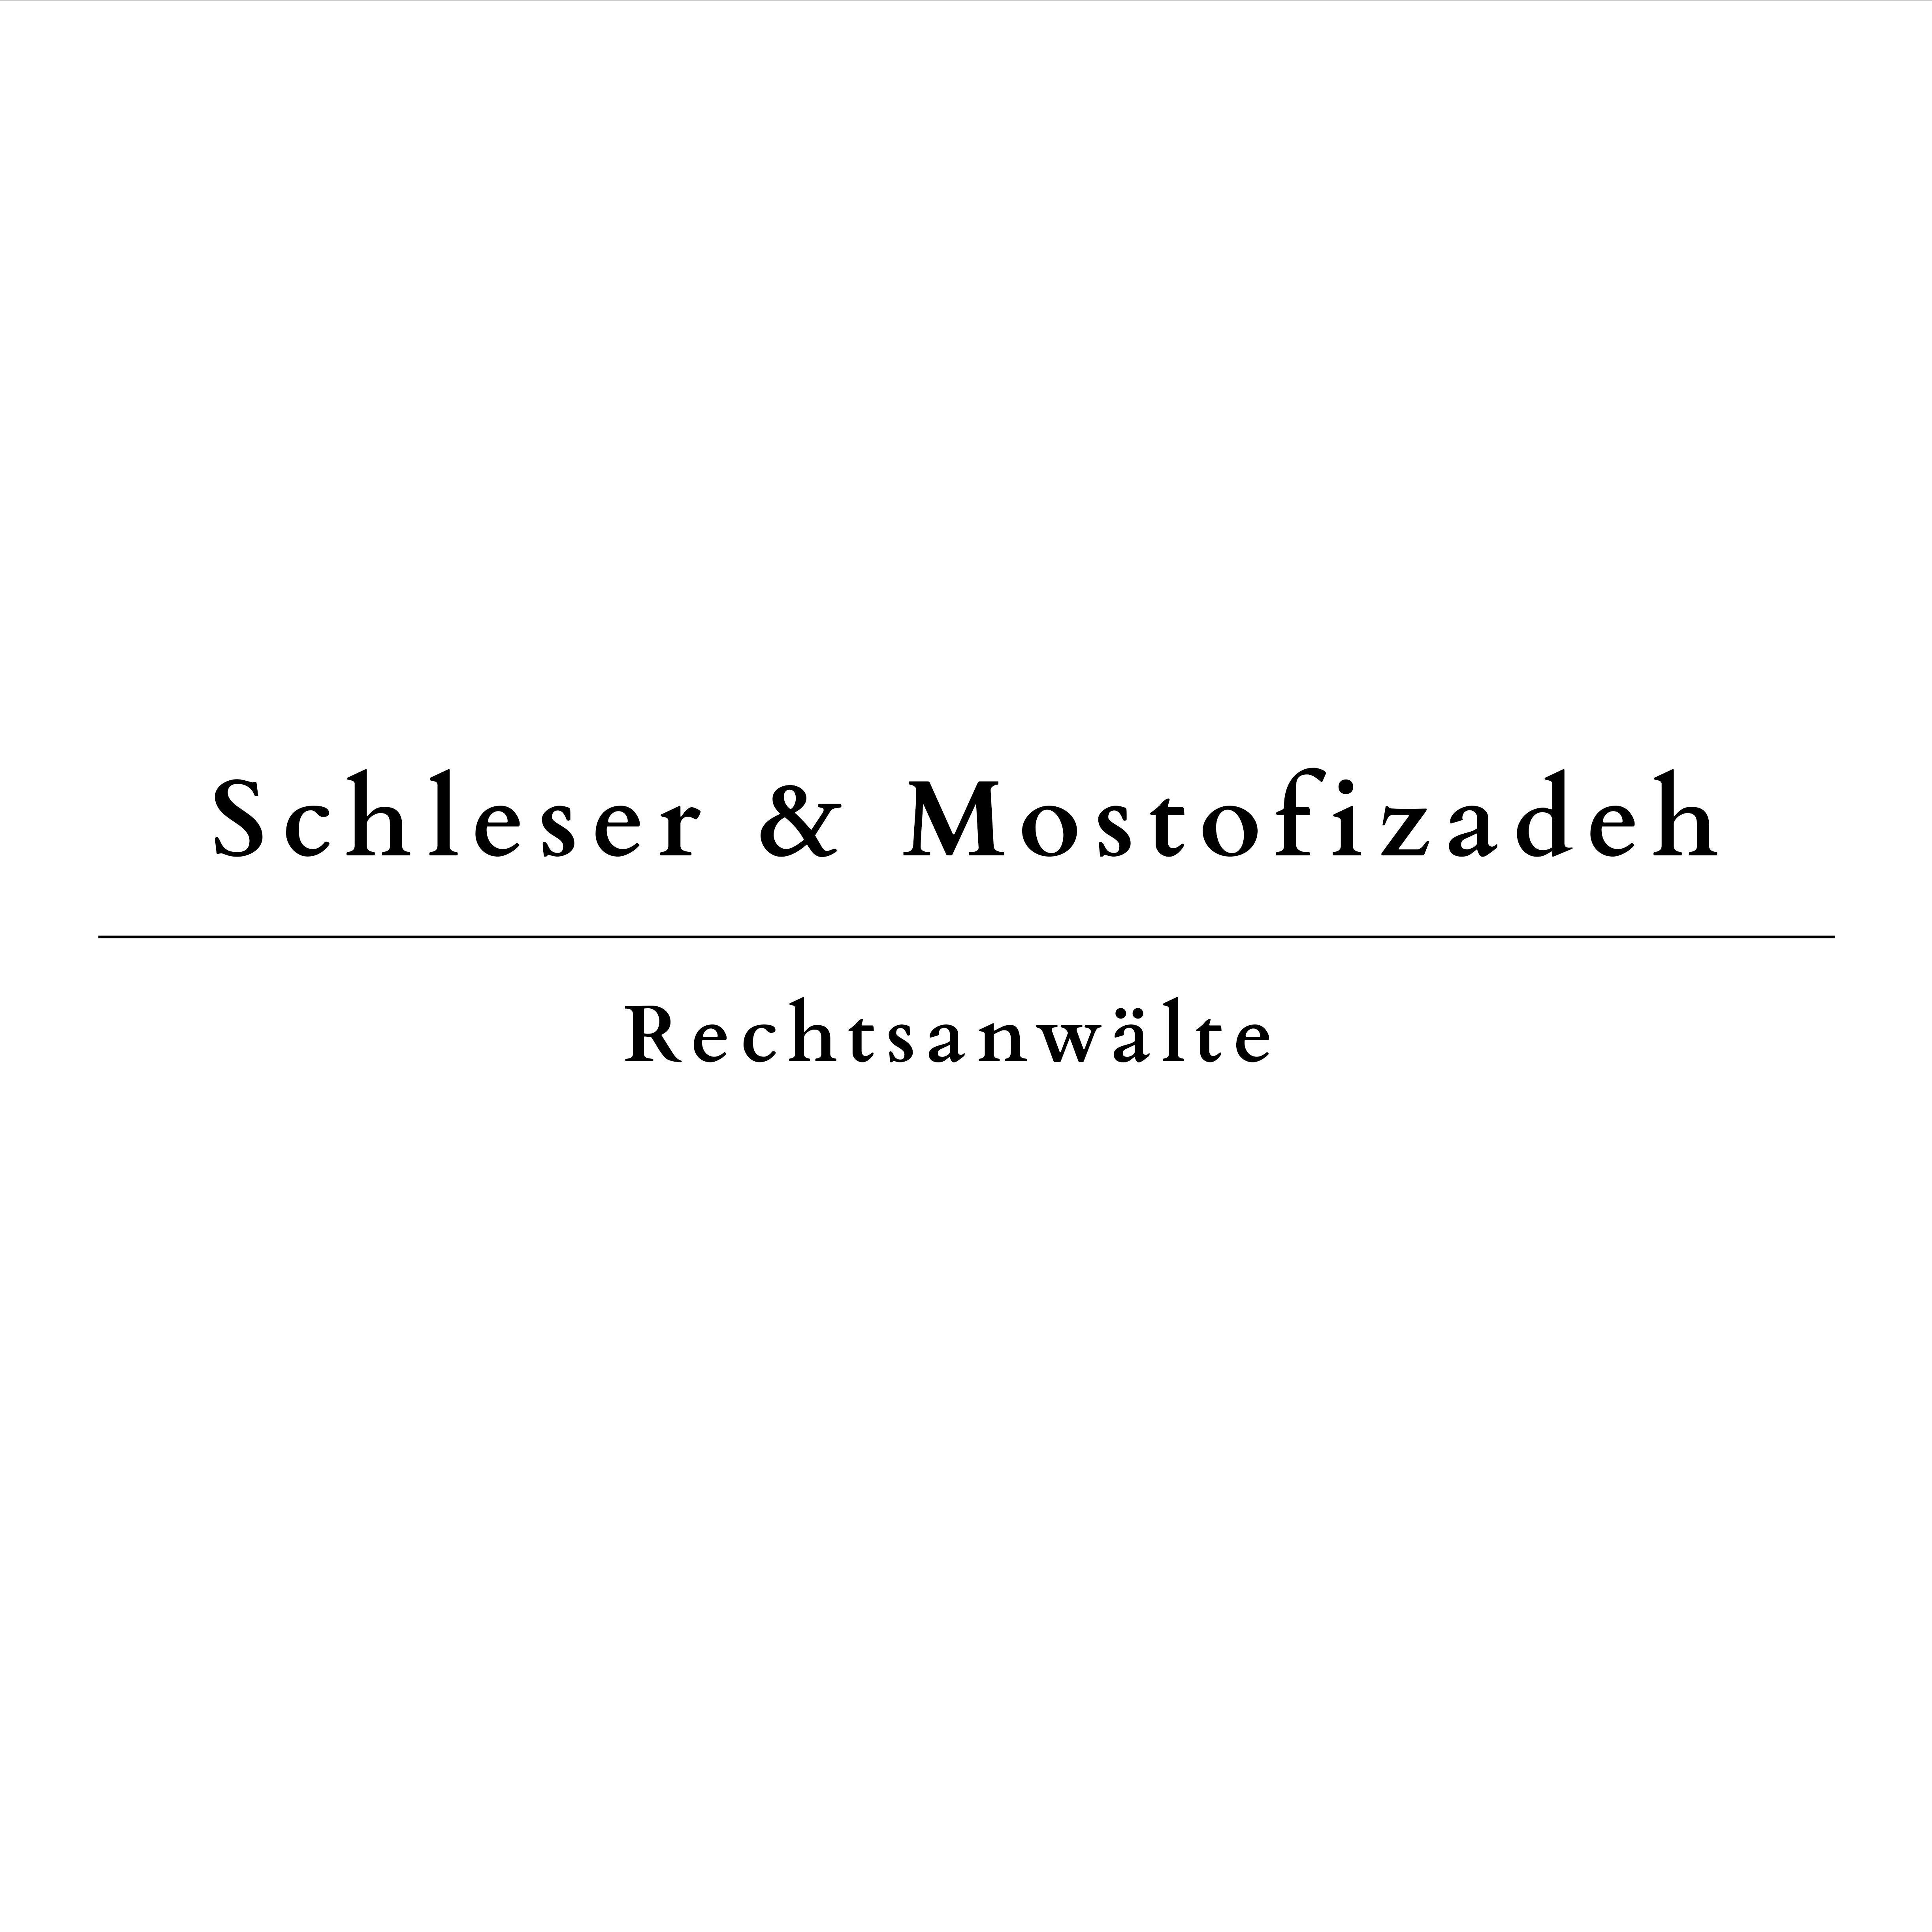 Bild zu Schleser Mostofizadeh - Rechtsanwälte in Essen